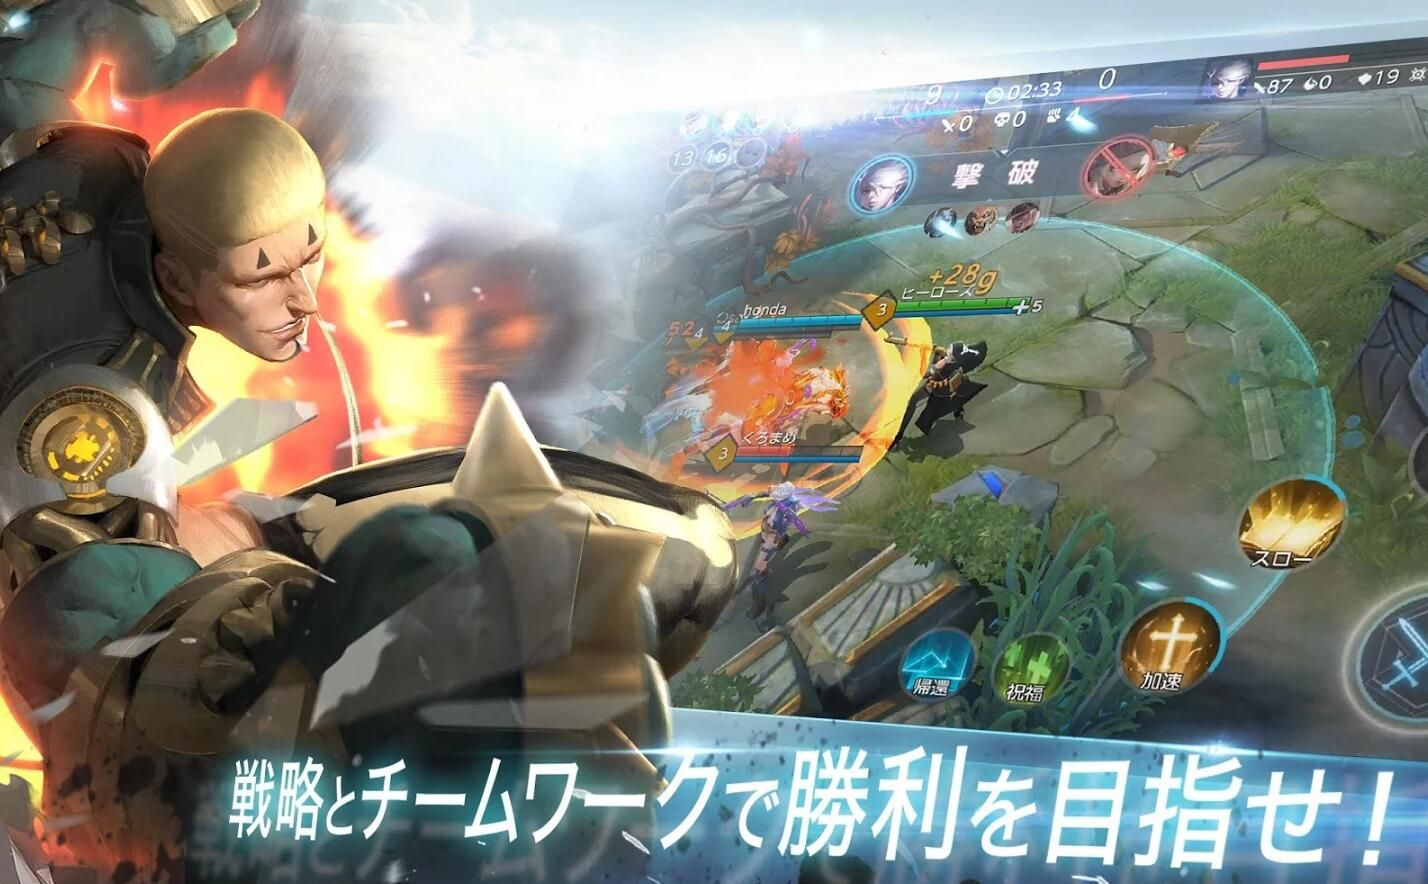 王者荣耀日服国际版官方网站下载正版地址图2: